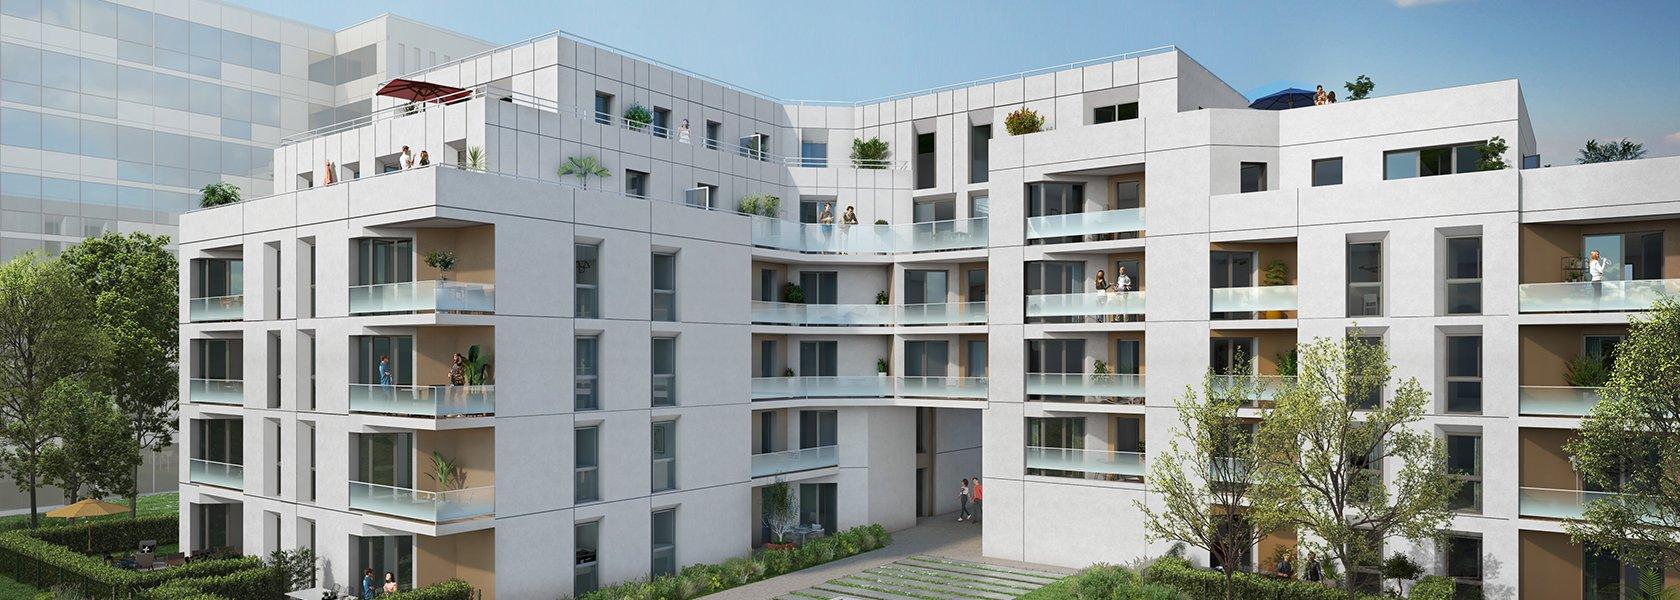 Appartements neufs Suresnes - Murmures